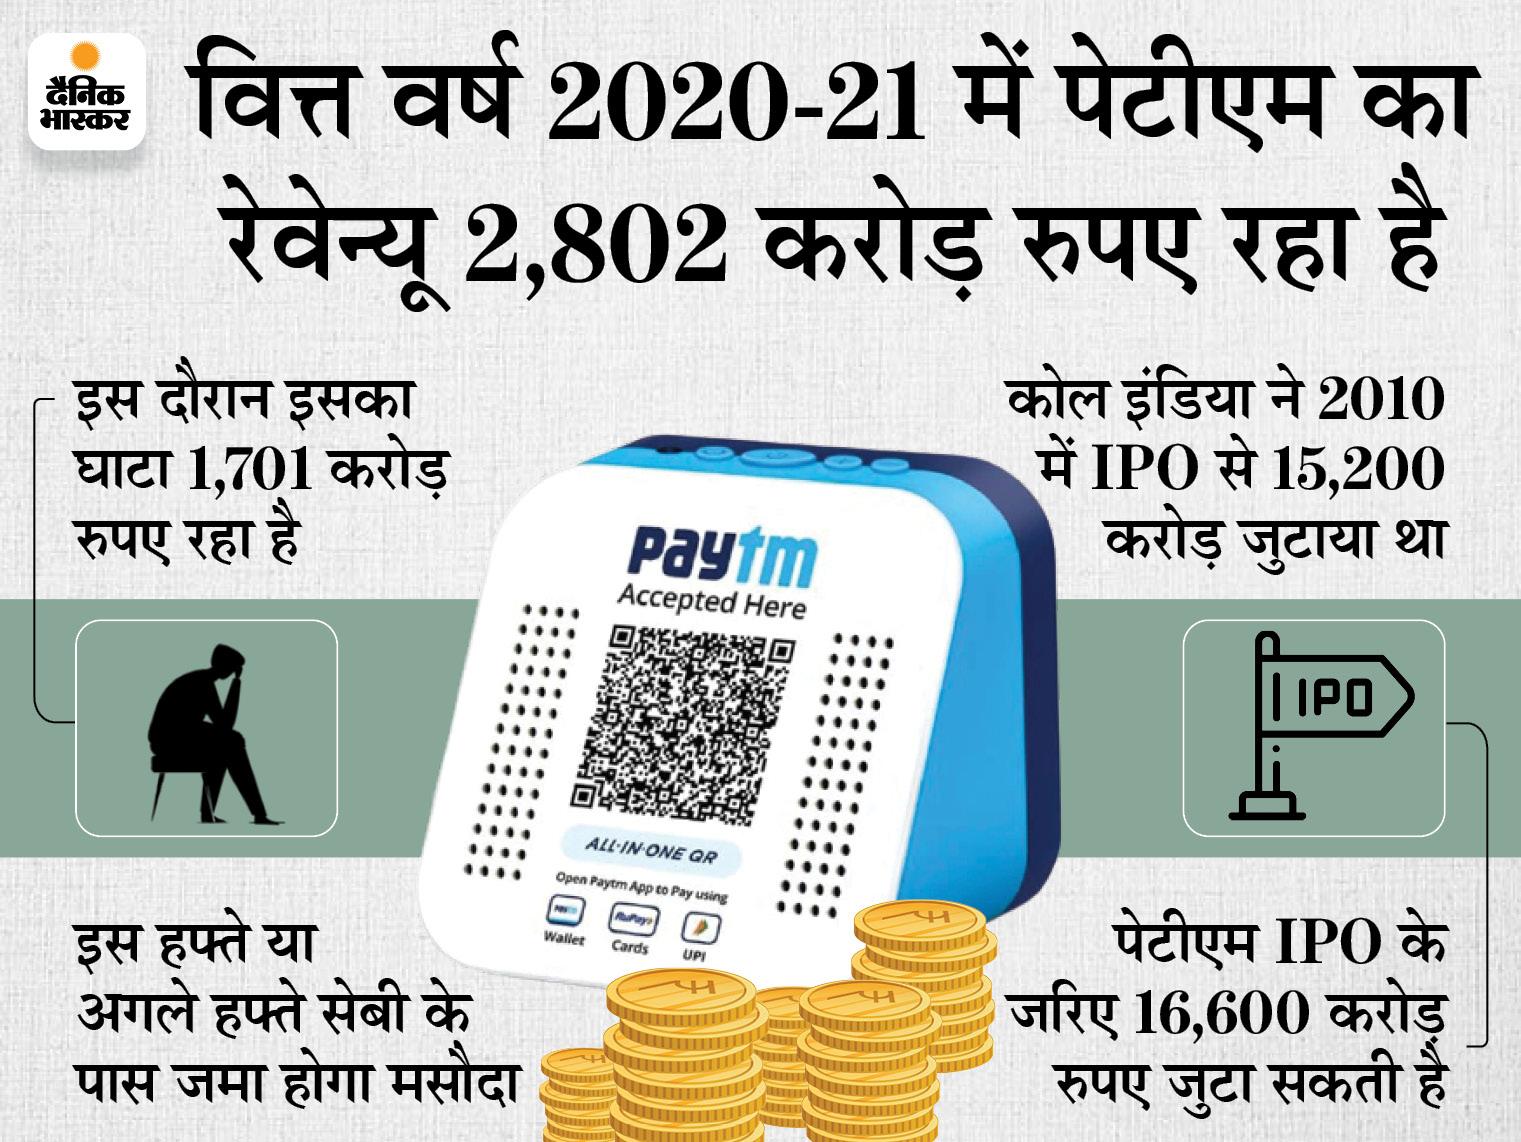 पेटीएम 2 हजार करोड़ रुपए जुटाएगी, 9 लोगों की टीम प्रमुख मैनेजमेंट में होगी बिजनेस,Business - Dainik Bhaskar